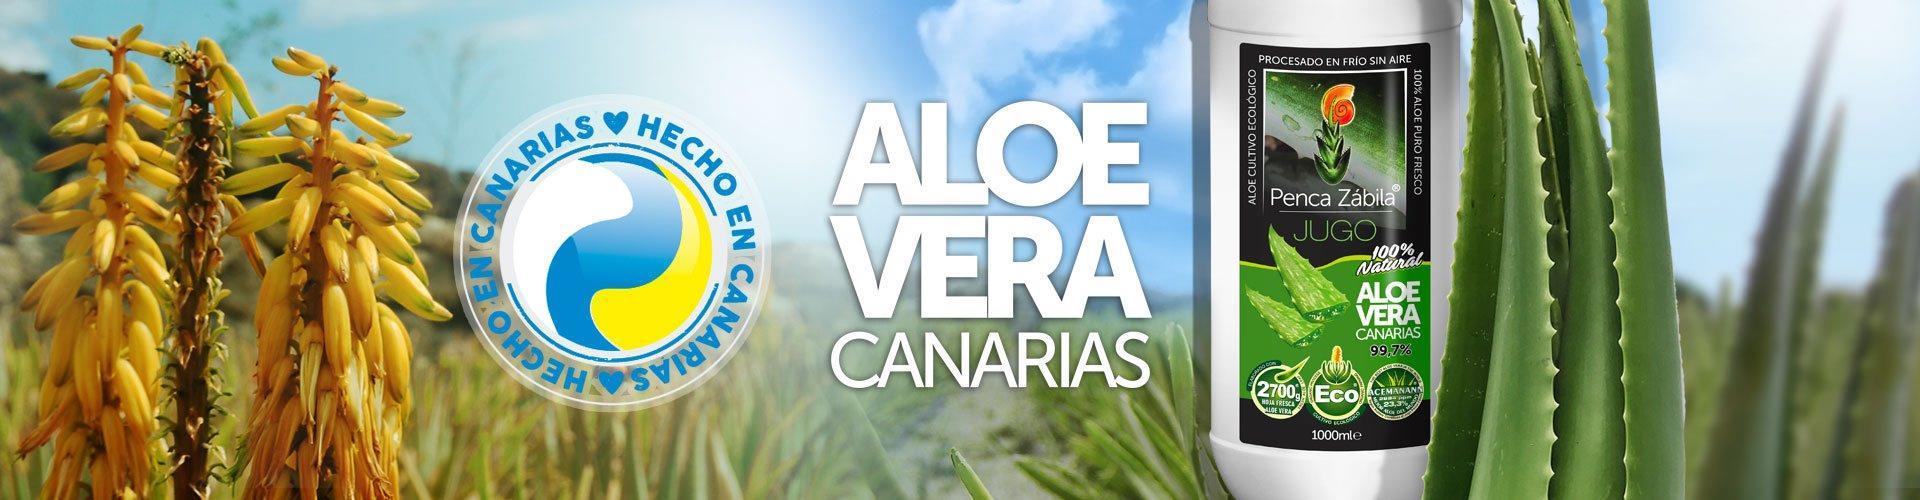 Jugo Aloe Vera de Canarias Penca Zabila